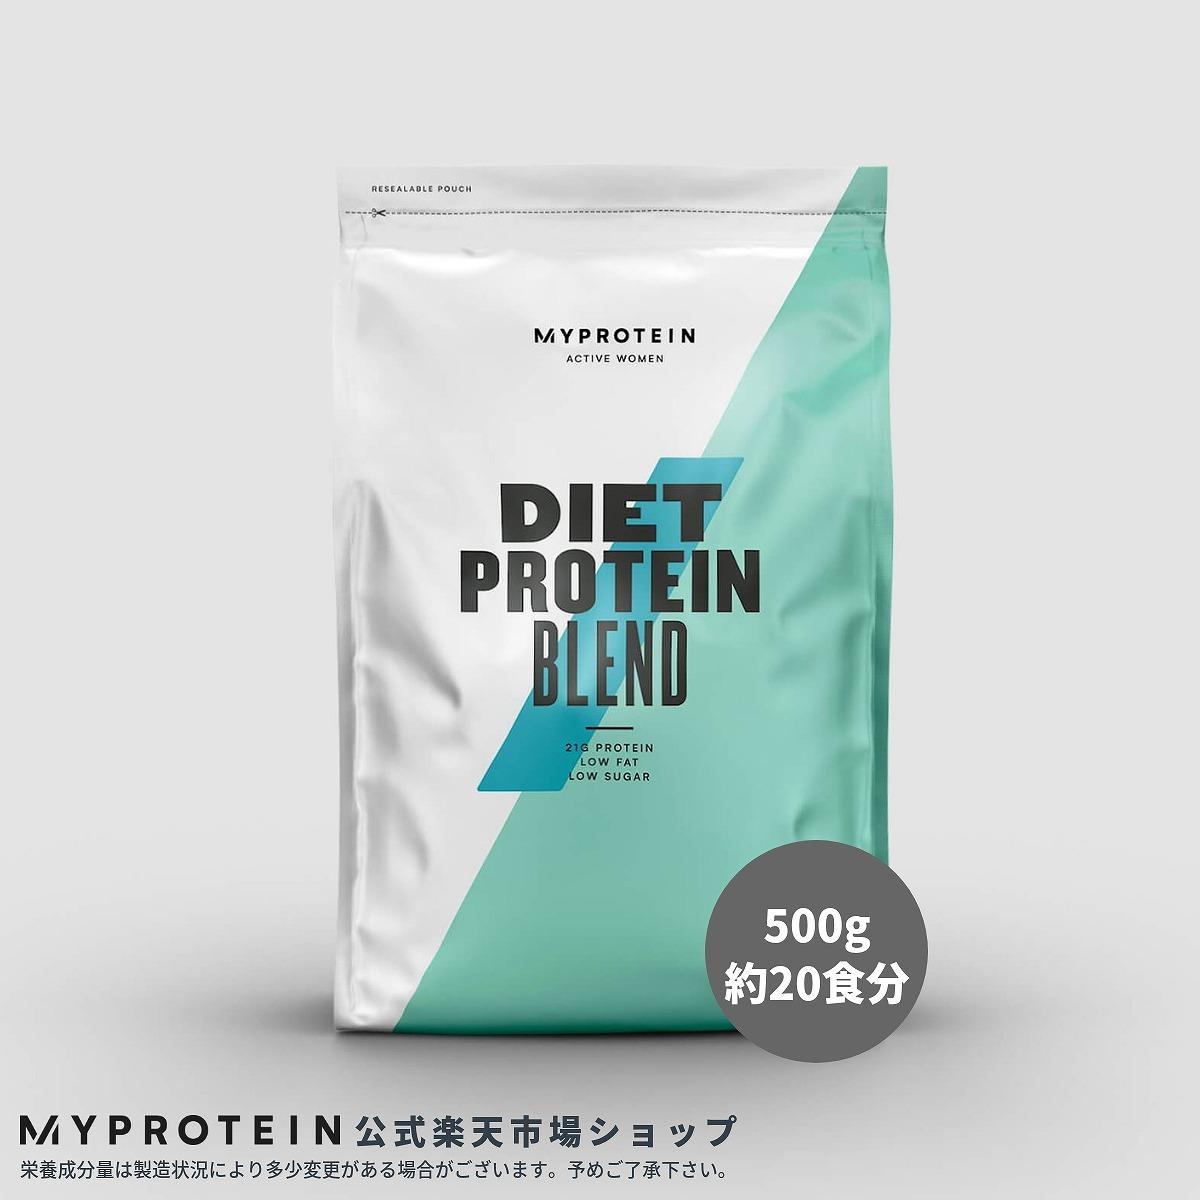 《最安値に挑戦中》高品質 低価格の自社製品をイギリスから直送 トレーニングのお供に ホエイプロテイン グルタミン 低脂肪 CLA 送料込 ビタミン 女性 プロテインダイエット 約20食分 マイプロテイン プロテイン ダイエット ブレンド MyProtein 公式 日本最大級の品揃え 海外通販 500g